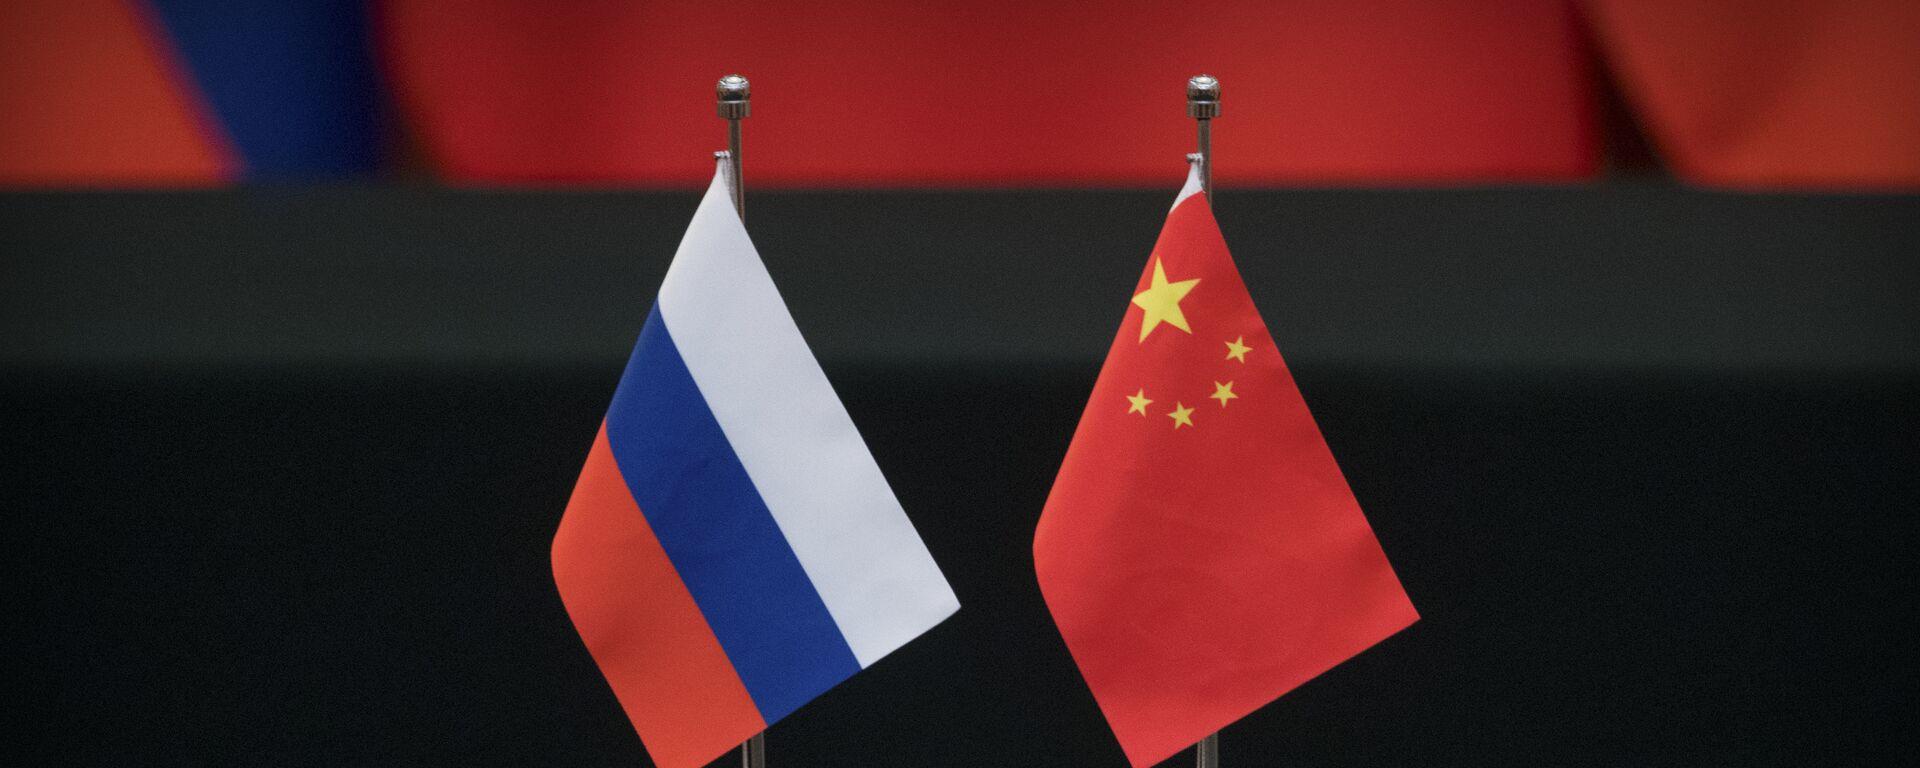 Las banderas de Rusia y China - Sputnik Mundo, 1920, 06.10.2021